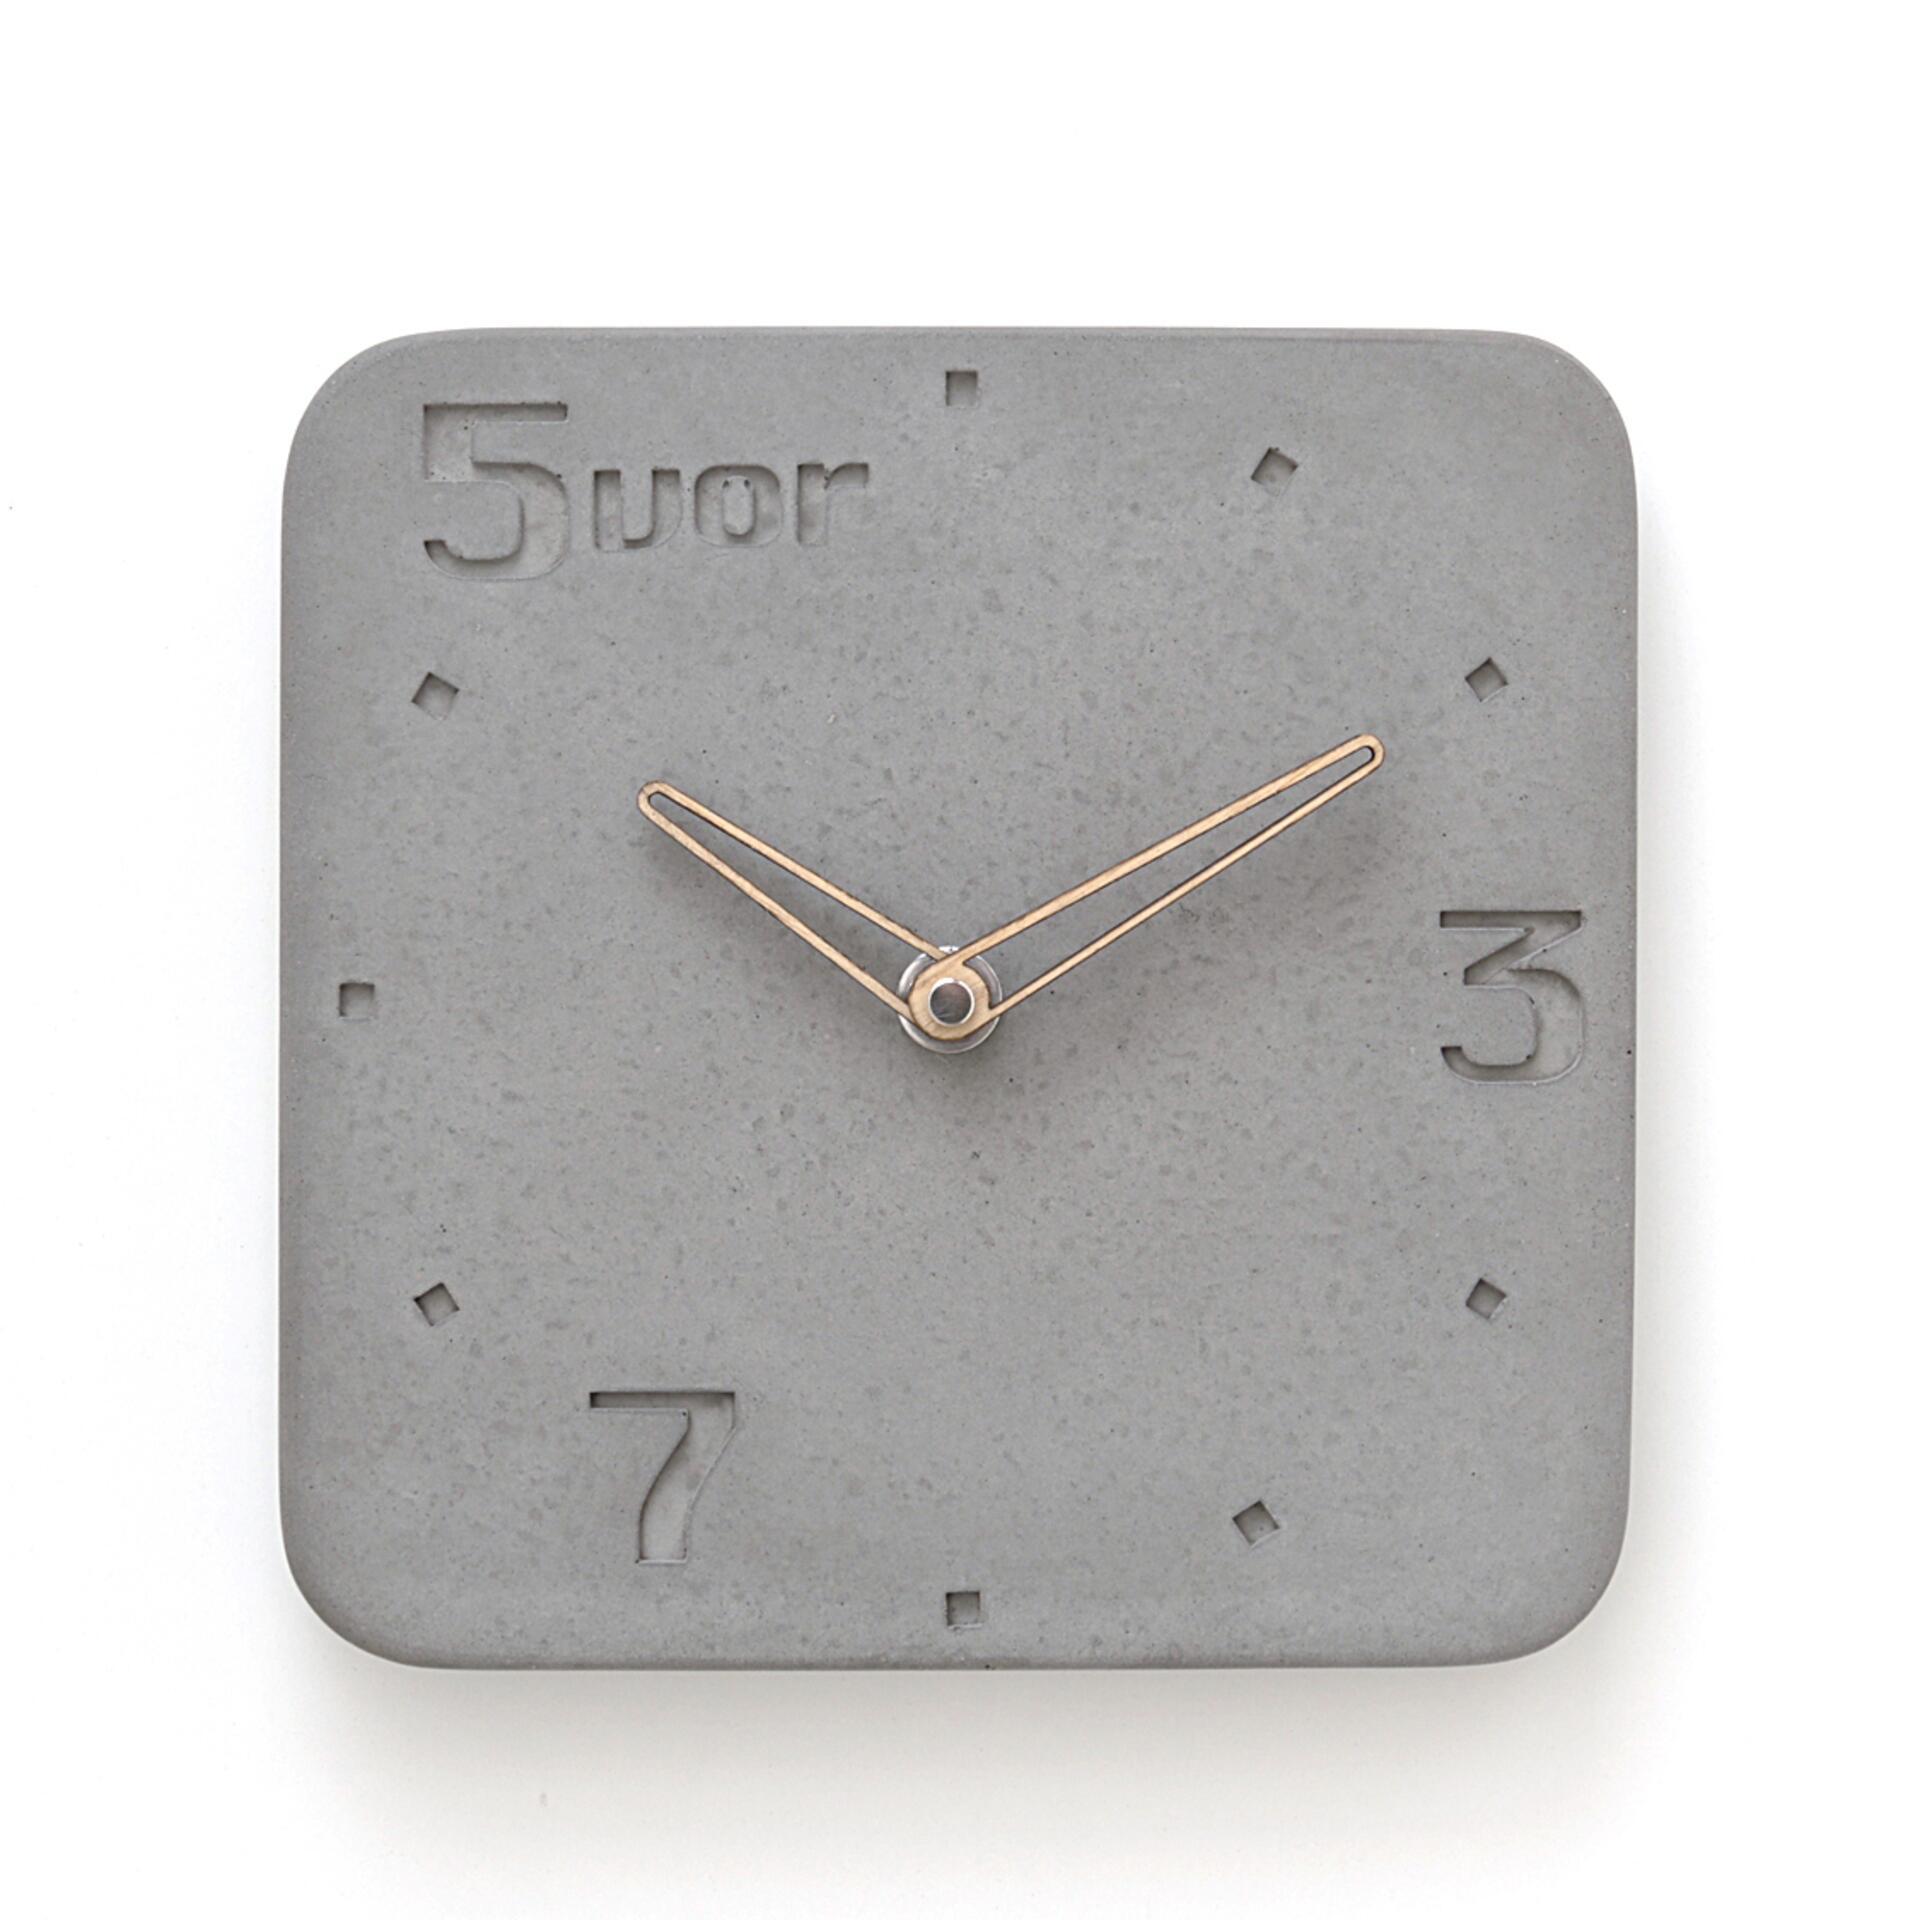 Wertwerke Betonuhr 5VOR Grau 38 x 38 cm Esche Rahmen